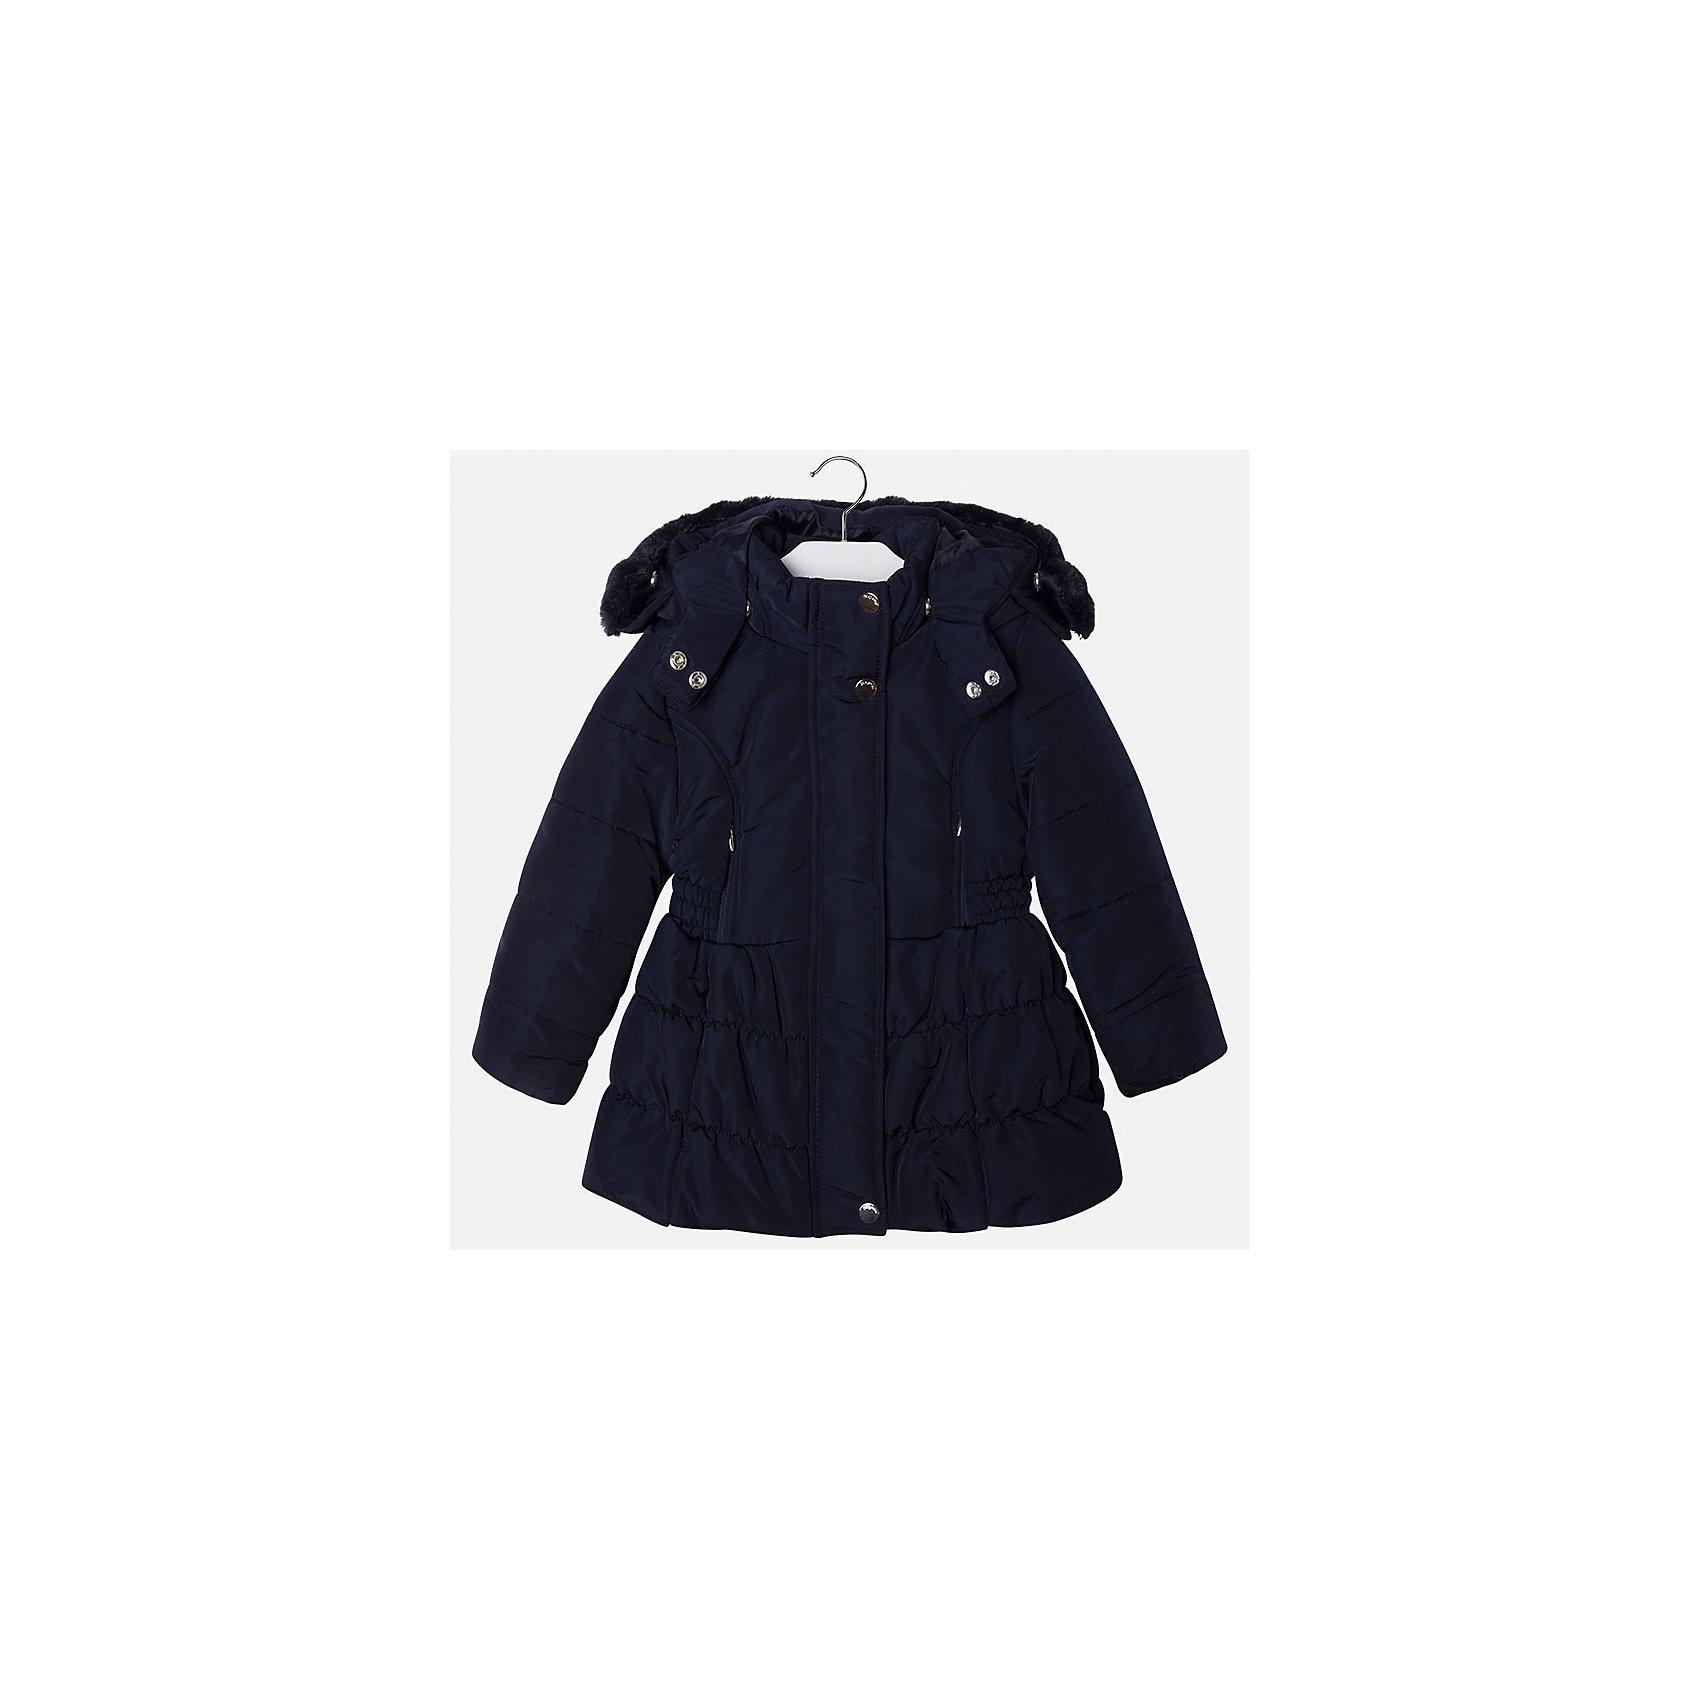 Куртка для девочки MayoralДемисезонные куртки<br>Куртка для девочки от известной испанской марки Mayoral(майорал). Модель с приталенным и расширенным к низу силуэтом. Есть большой удобный капюшон с искусственным мехом, застегивается на кнопки. Стильная теплая курточка - то, что нужно для комфортных прогулок!<br><br>Дополнительная информация:<br>Состав: 100% полиэстер<br>Цвет: темно-синий<br>Куртку Mayoral(Майорал) вы можете приобрести в нашем интернет-магазине.<br><br>Ширина мм: 356<br>Глубина мм: 10<br>Высота мм: 245<br>Вес г: 519<br>Цвет: синий<br>Возраст от месяцев: 60<br>Возраст до месяцев: 72<br>Пол: Женский<br>Возраст: Детский<br>Размер: 116,110,104,134,98,122,128<br>SKU: 4843890